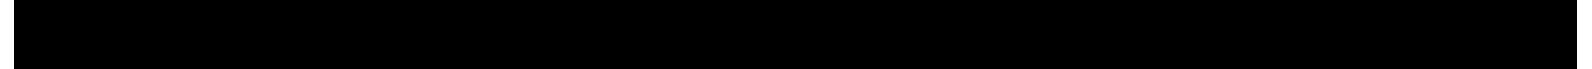 希少ブランドをふんだんに使った引き算のハンバーグ